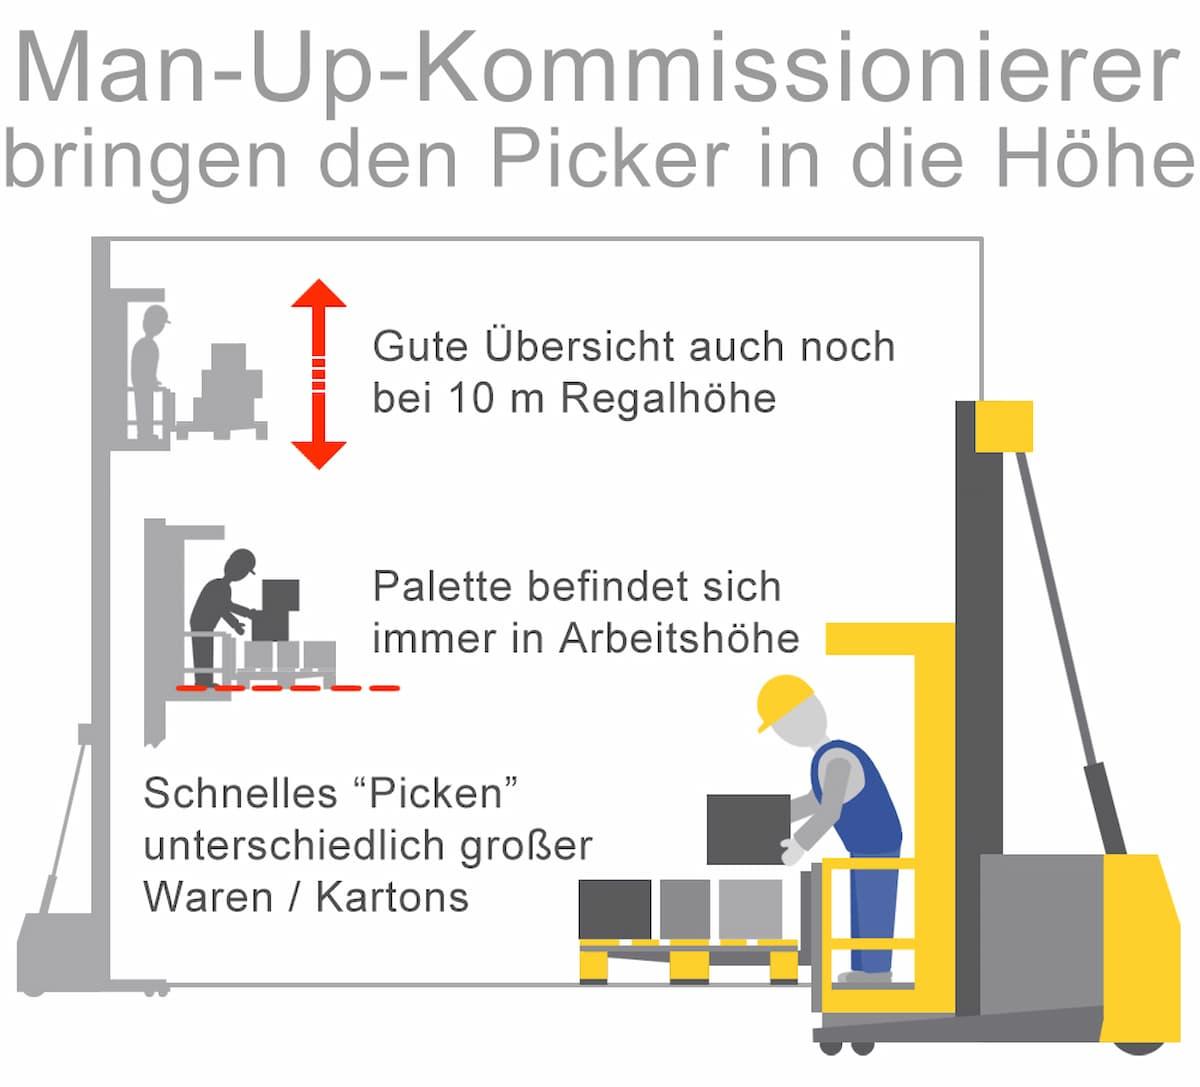 Man-Up-Kommissionierer bringen den Picker in die Höhe